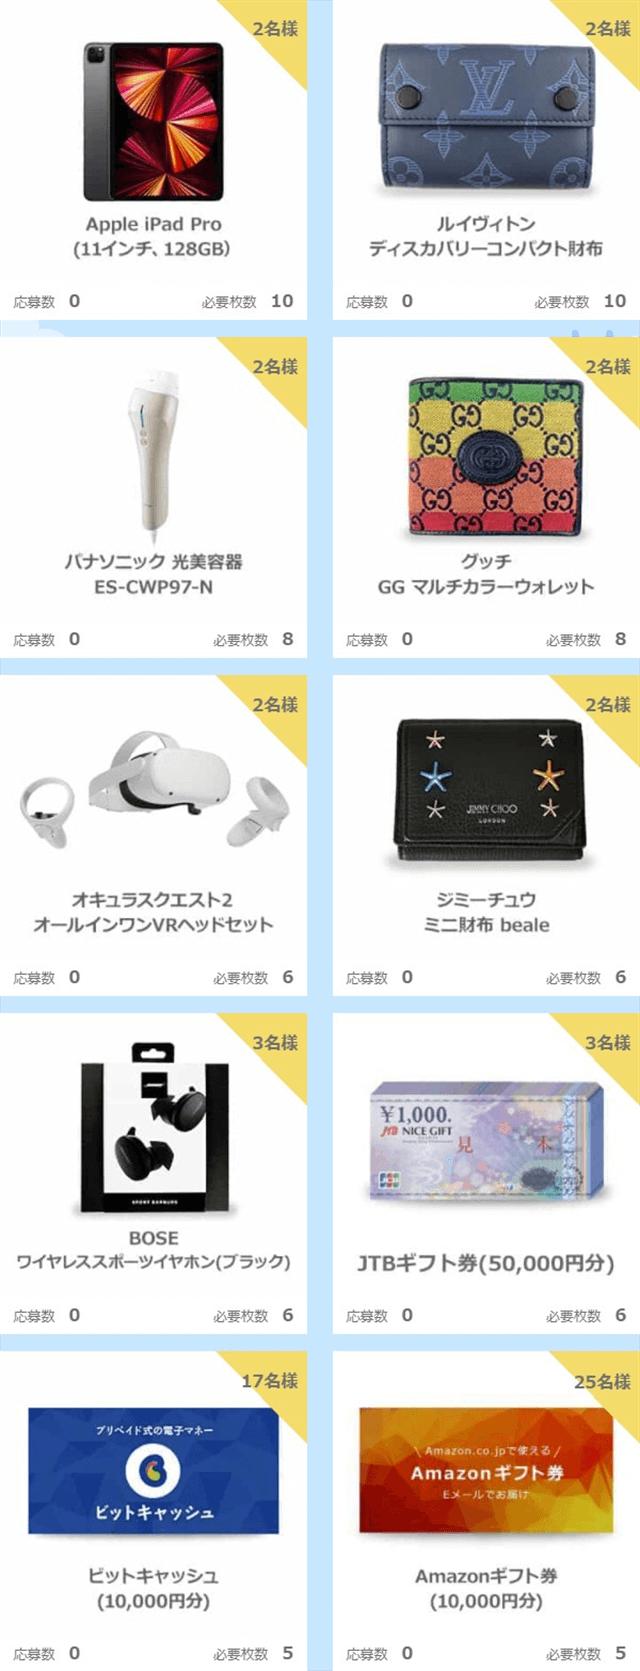 ハッピーメールサマーキャンペーン2021ウィクリー抽選第2週賞品